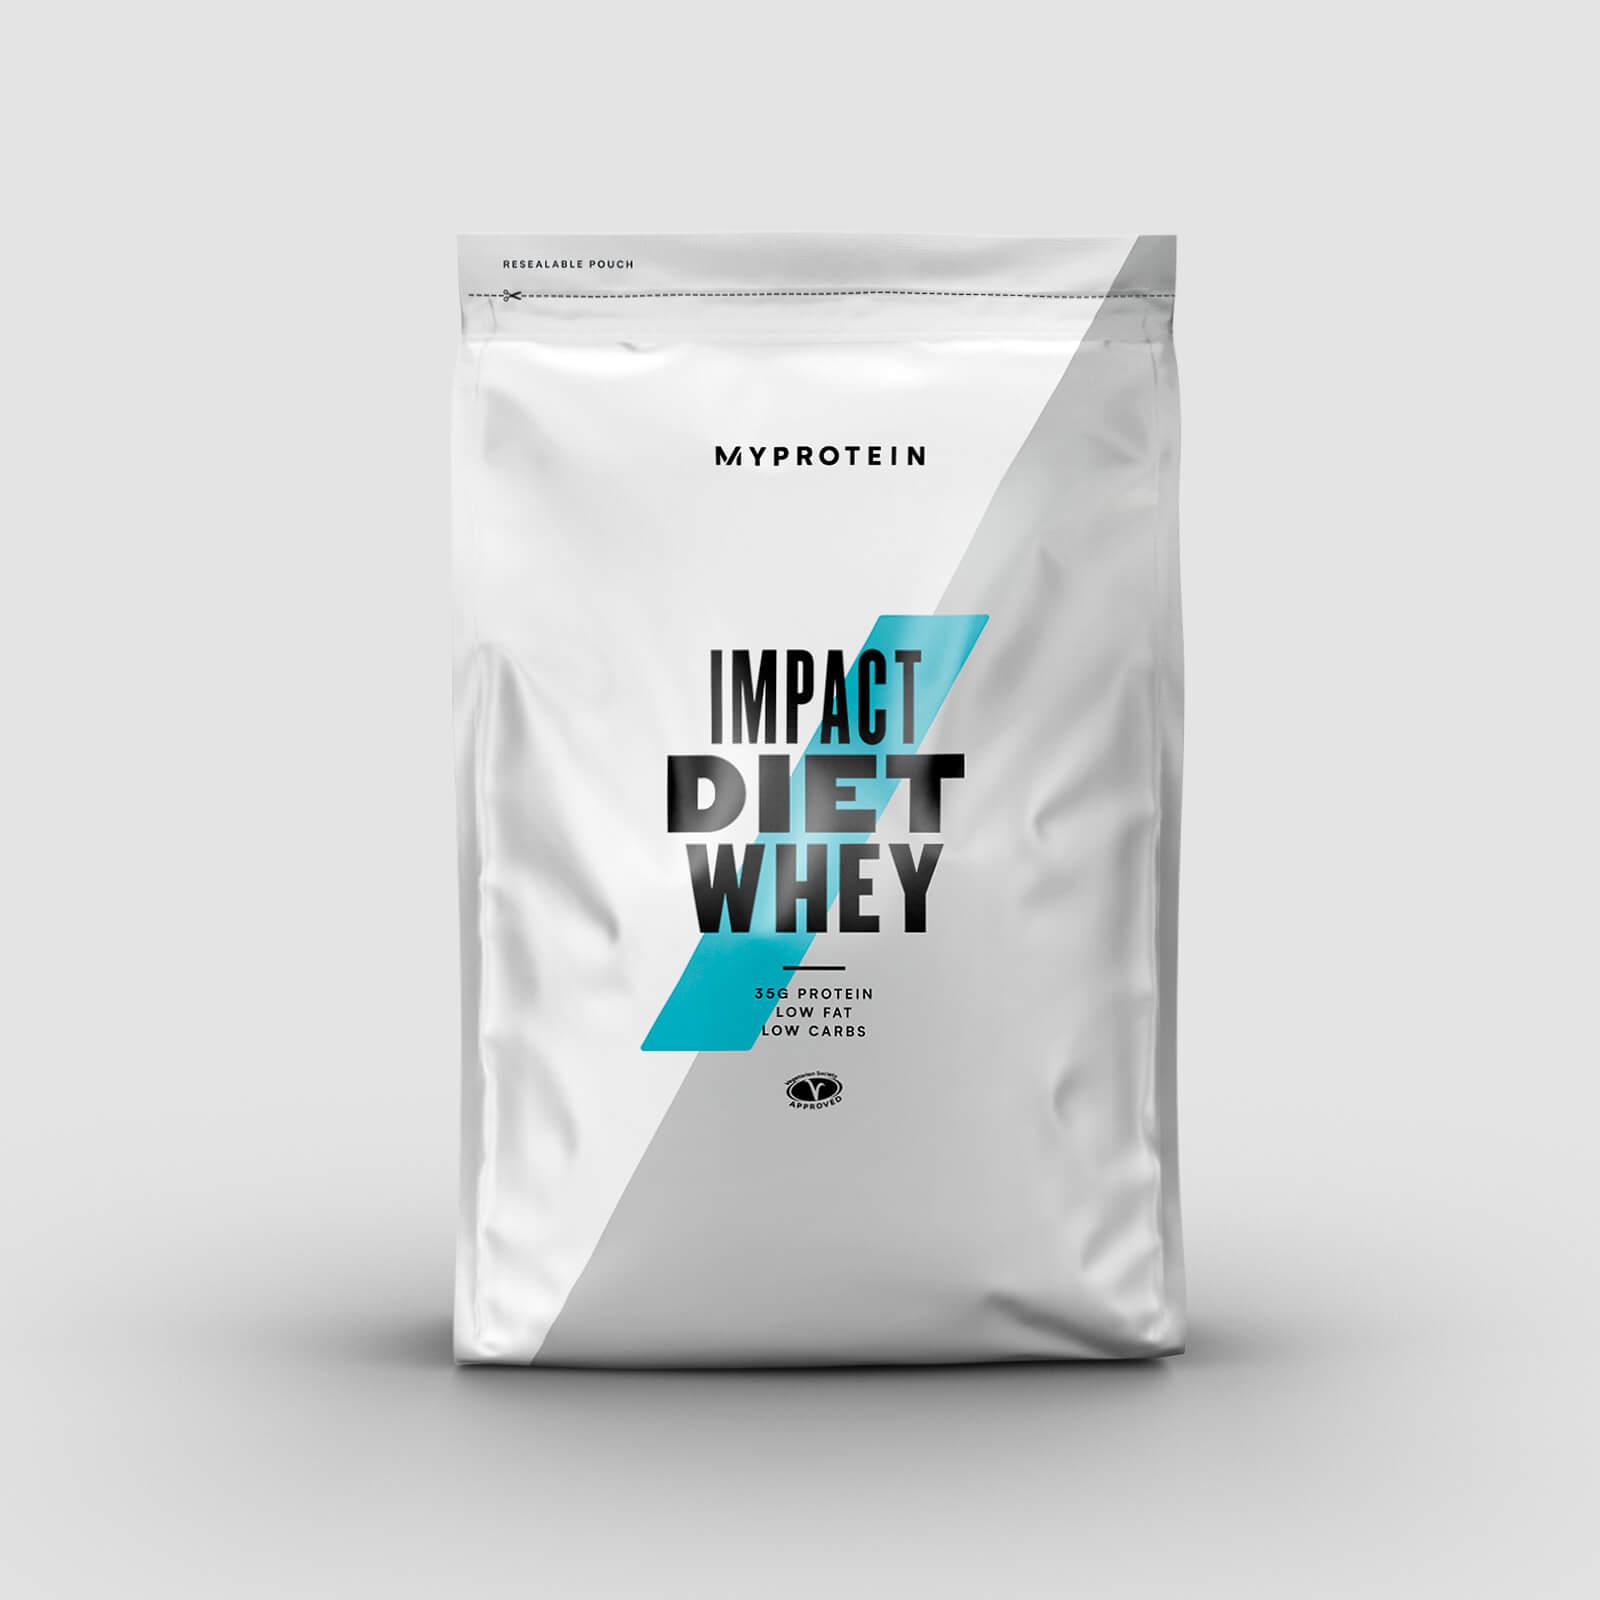 Myprotein Impact Diet Whey - 250g - Cookies & Cream